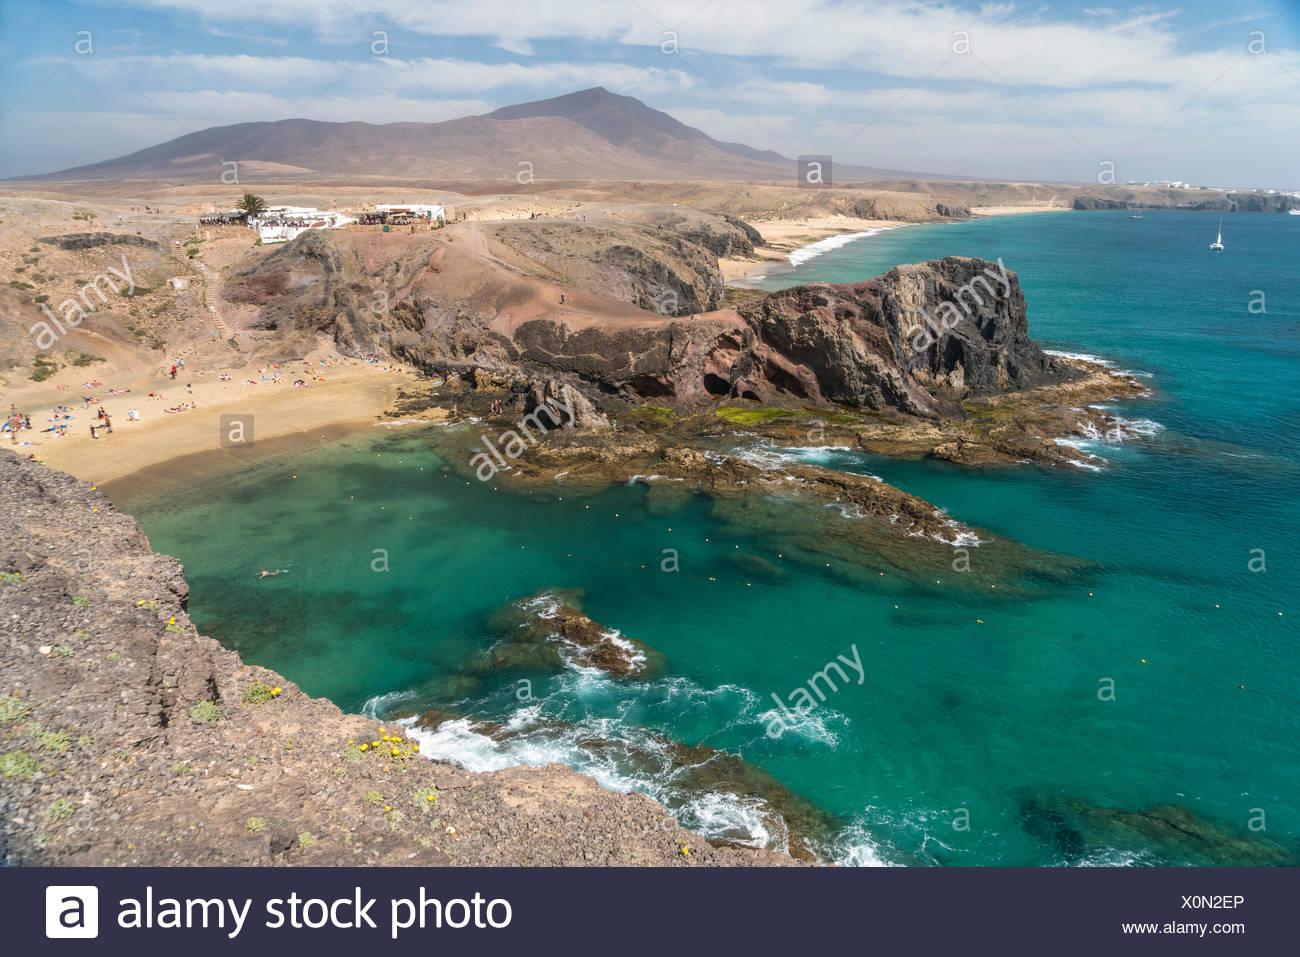 Playas de Papagayo bei Playa Blanca, Insel Lanzarote, Kanarische Inseln, Spanien |  Playas de Papagayo near  Playa Blanca, Lanzarote, Canary Islands,  Stock Photo